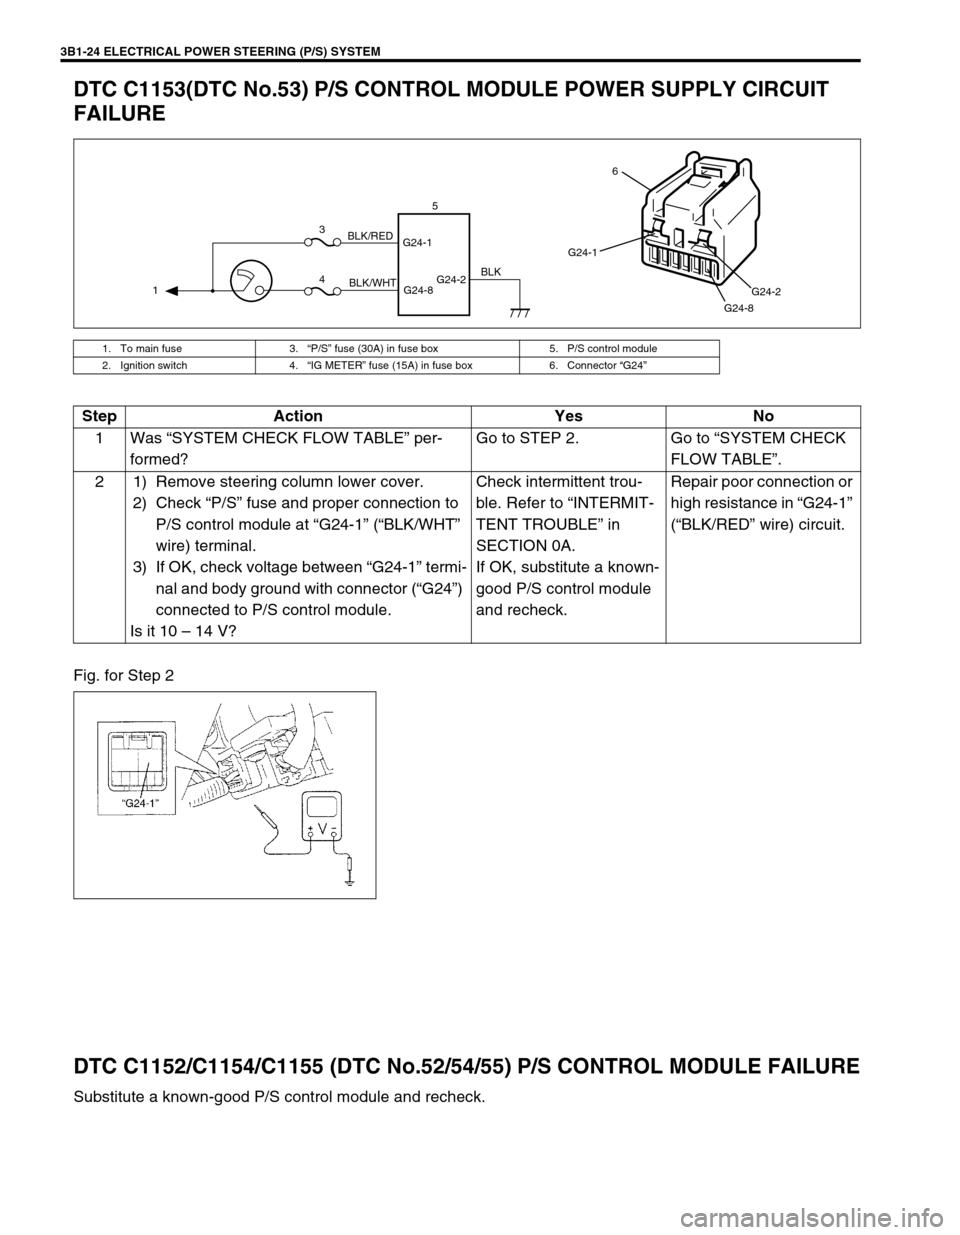 suzuki swift 2000 1 g rg413 service workshop manual, page 165